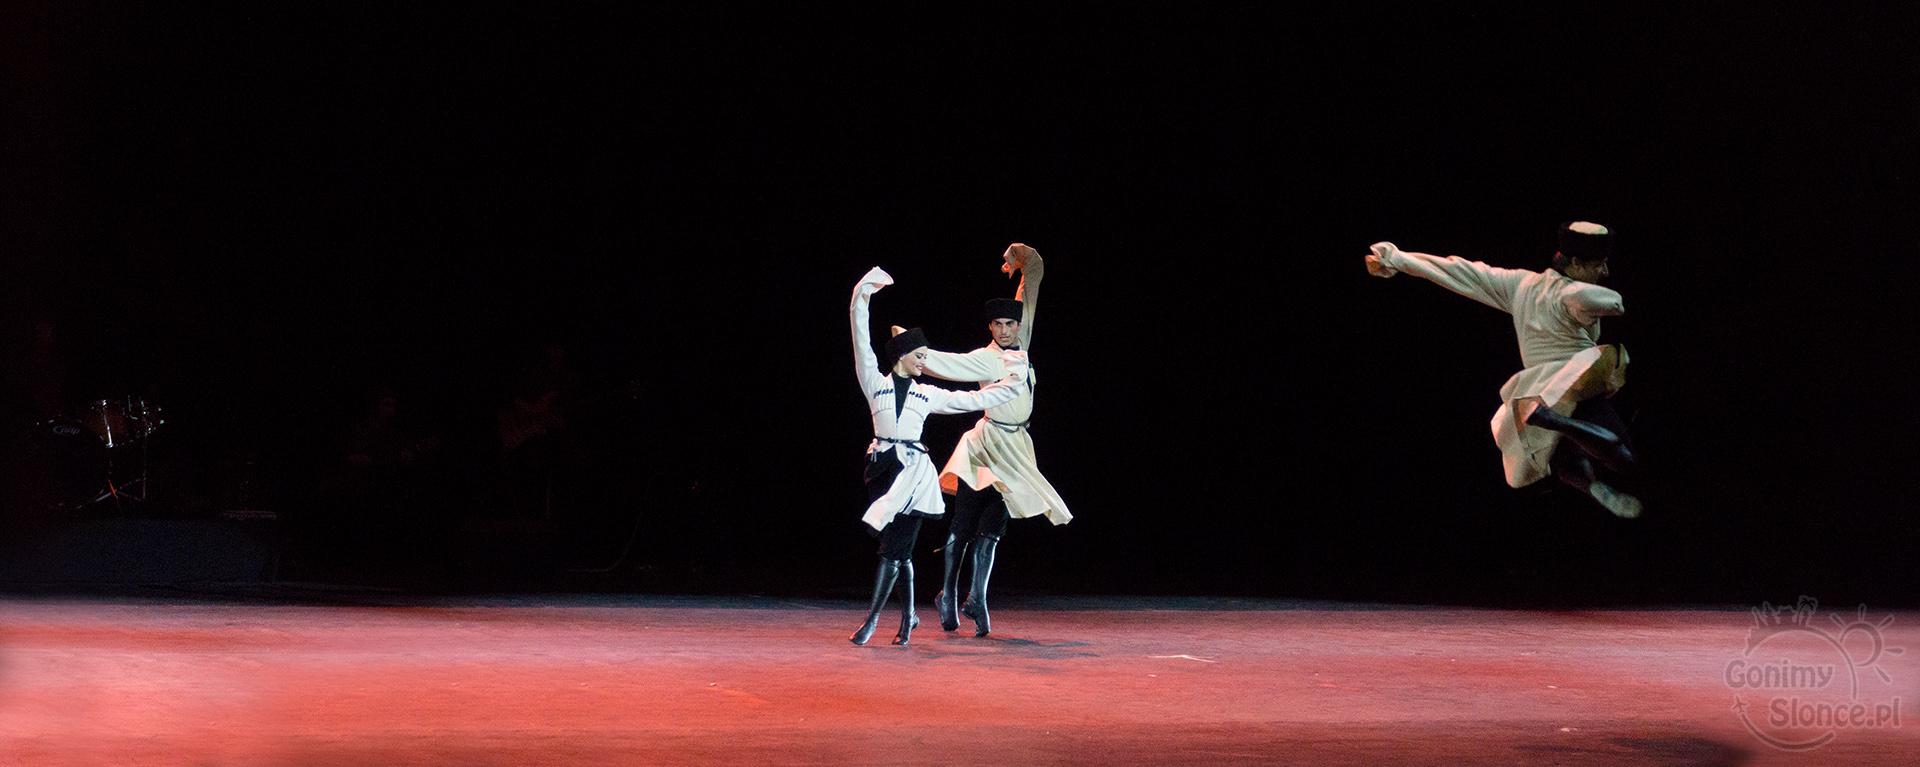 Narodowy Balet Gruzji Sukhishvili 13 blog kulturalny